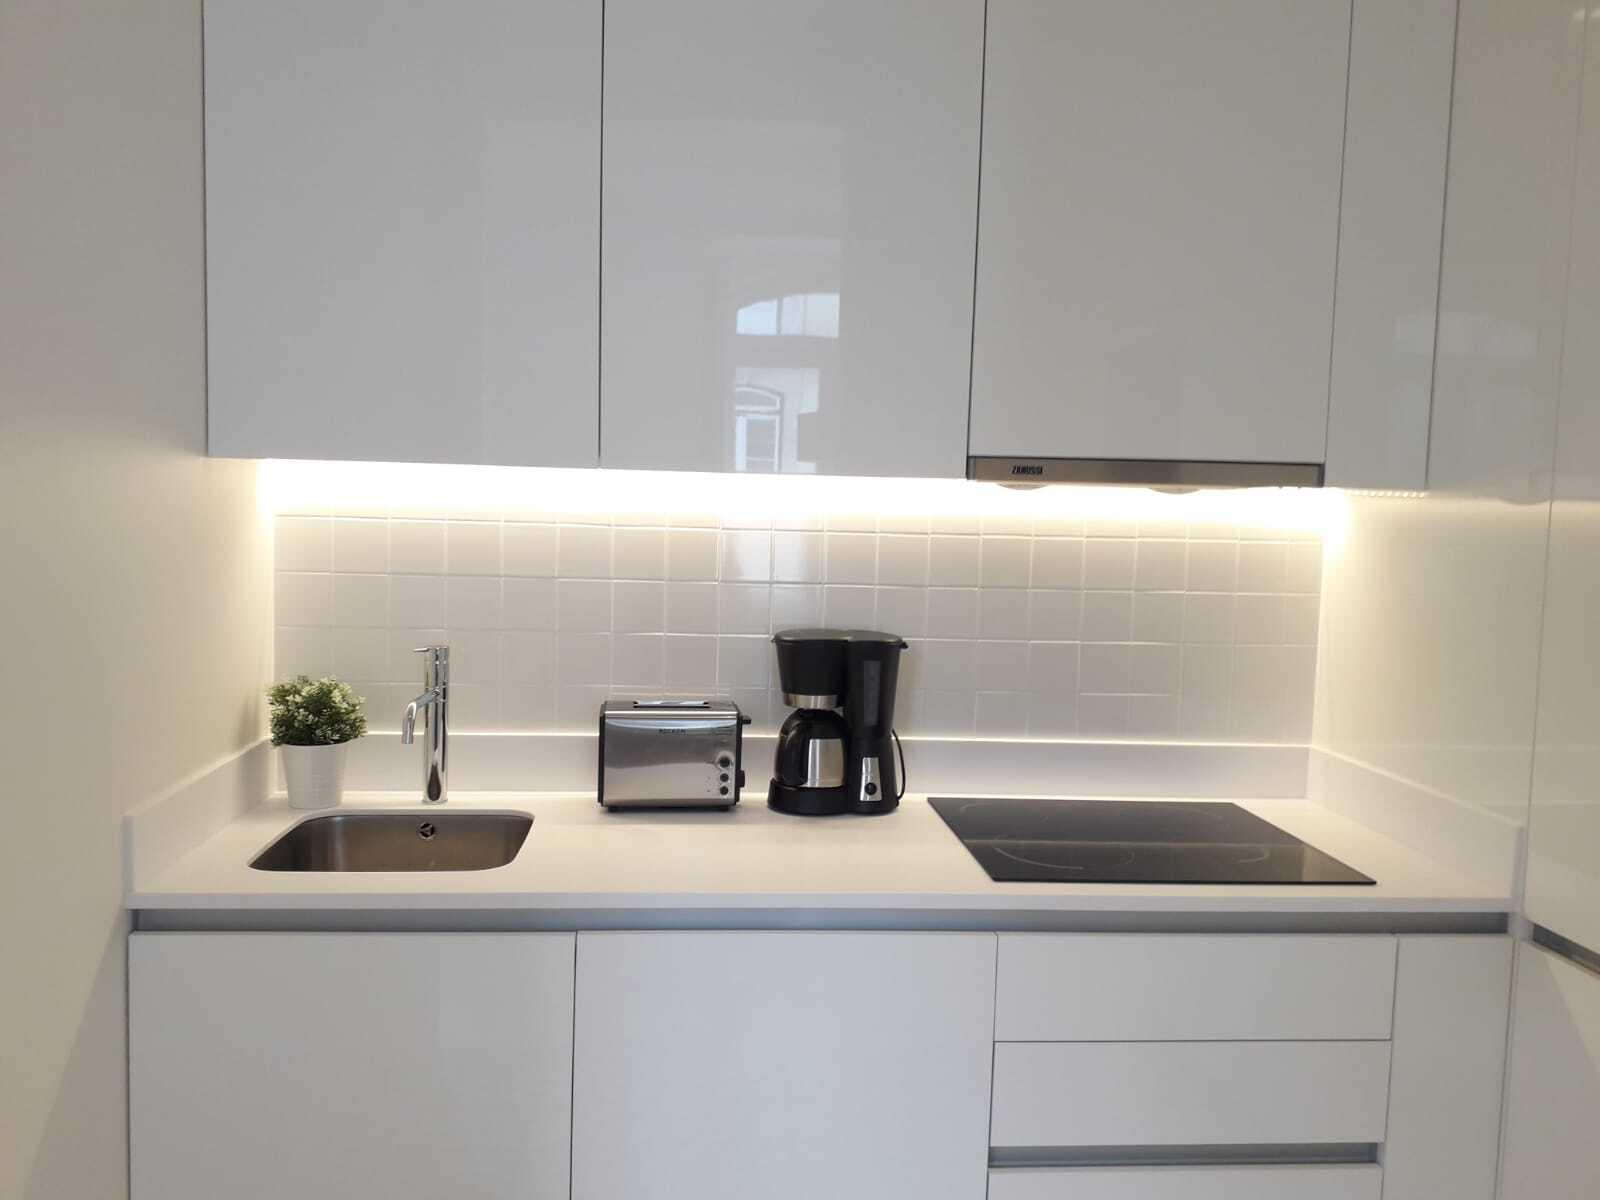 pf17866-apartamento-t1-lisboa-889d8080-a321-4d4f-9987-b6adde3393c2